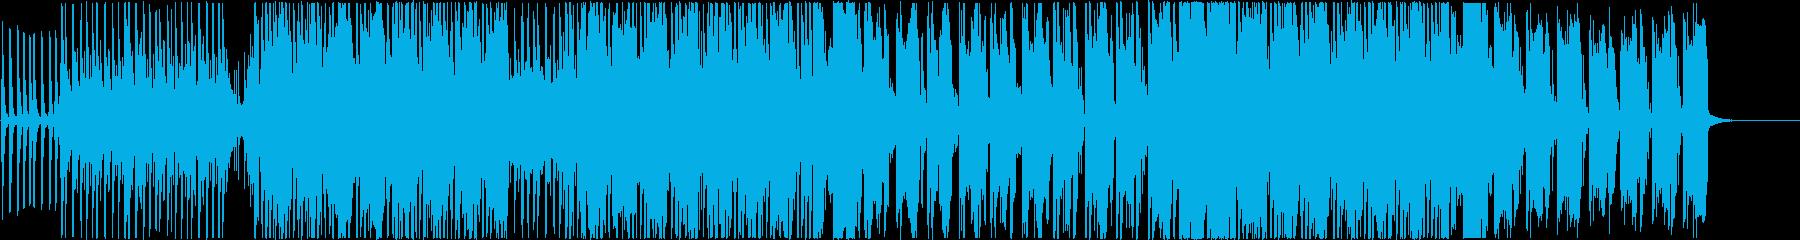 ギターやサックスのリズムが印象的な曲の再生済みの波形